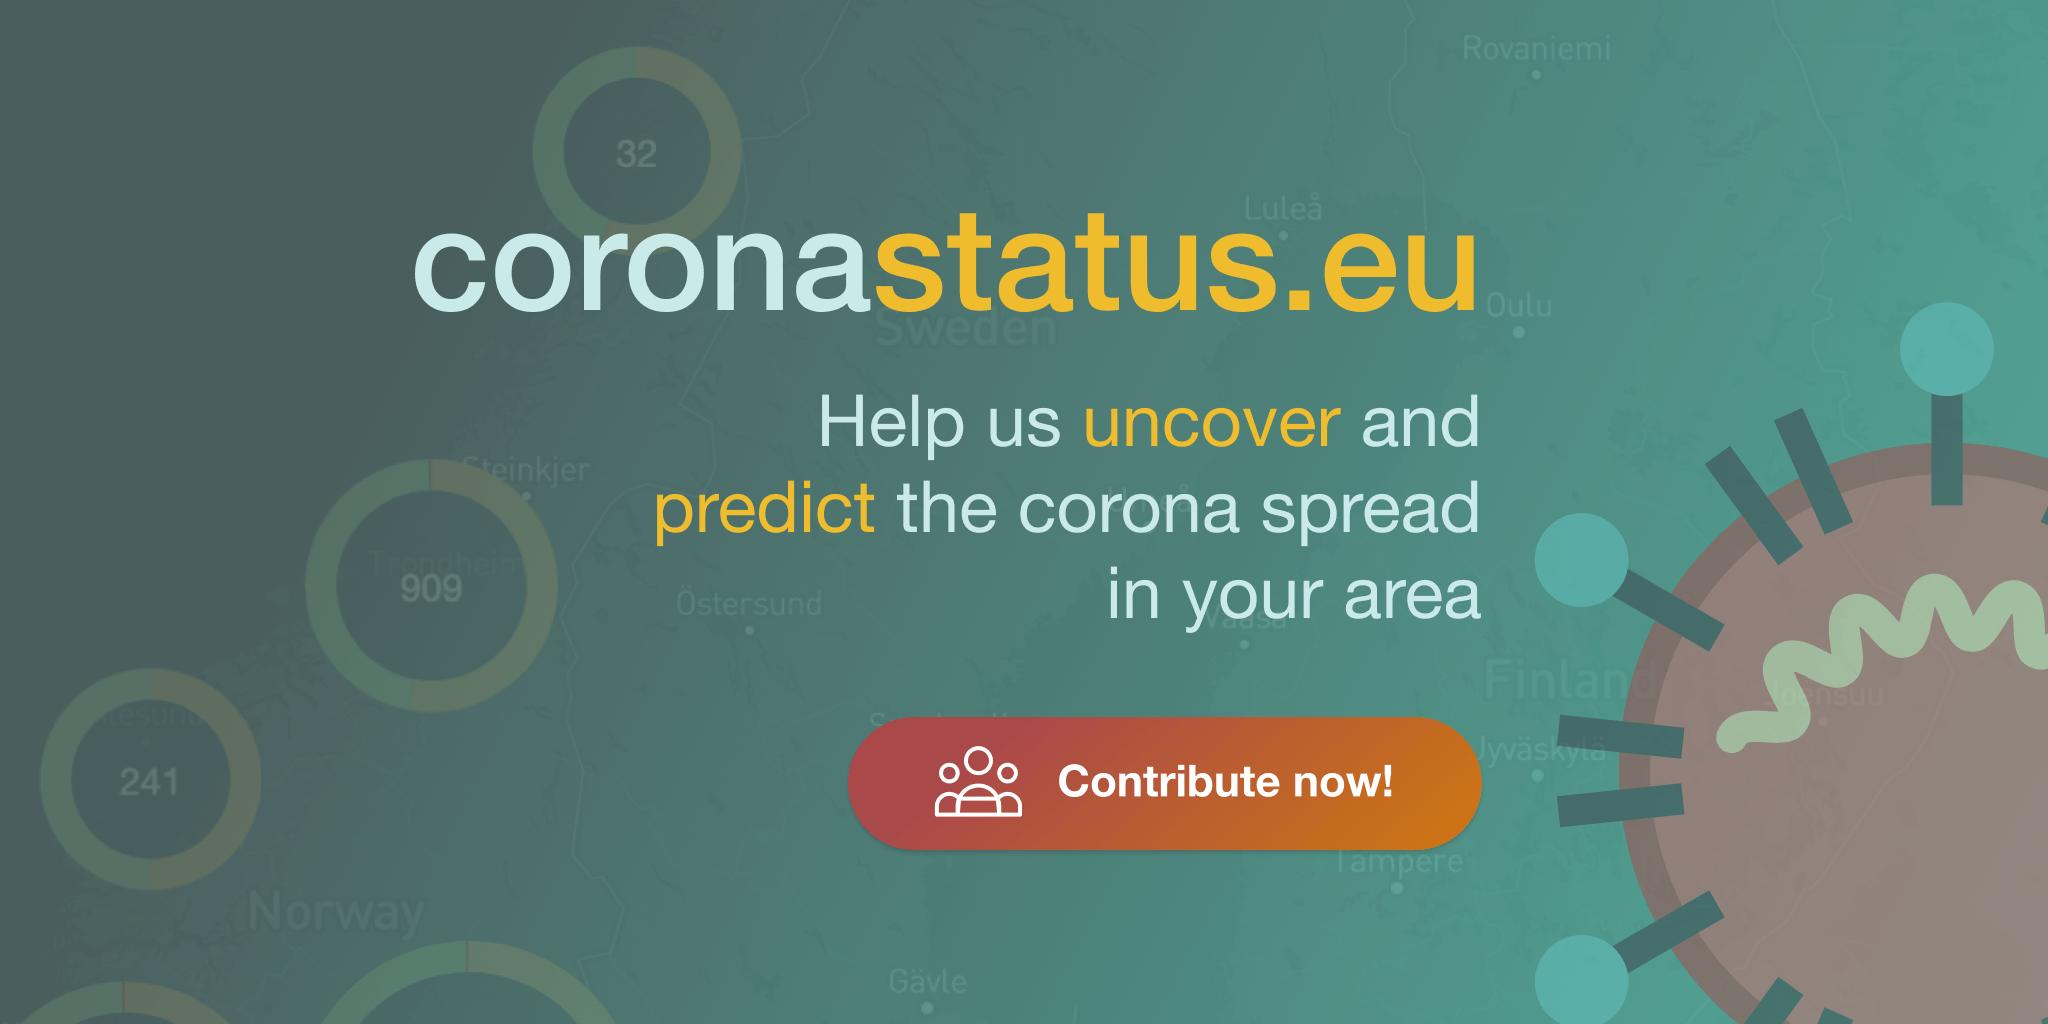 coronastatus